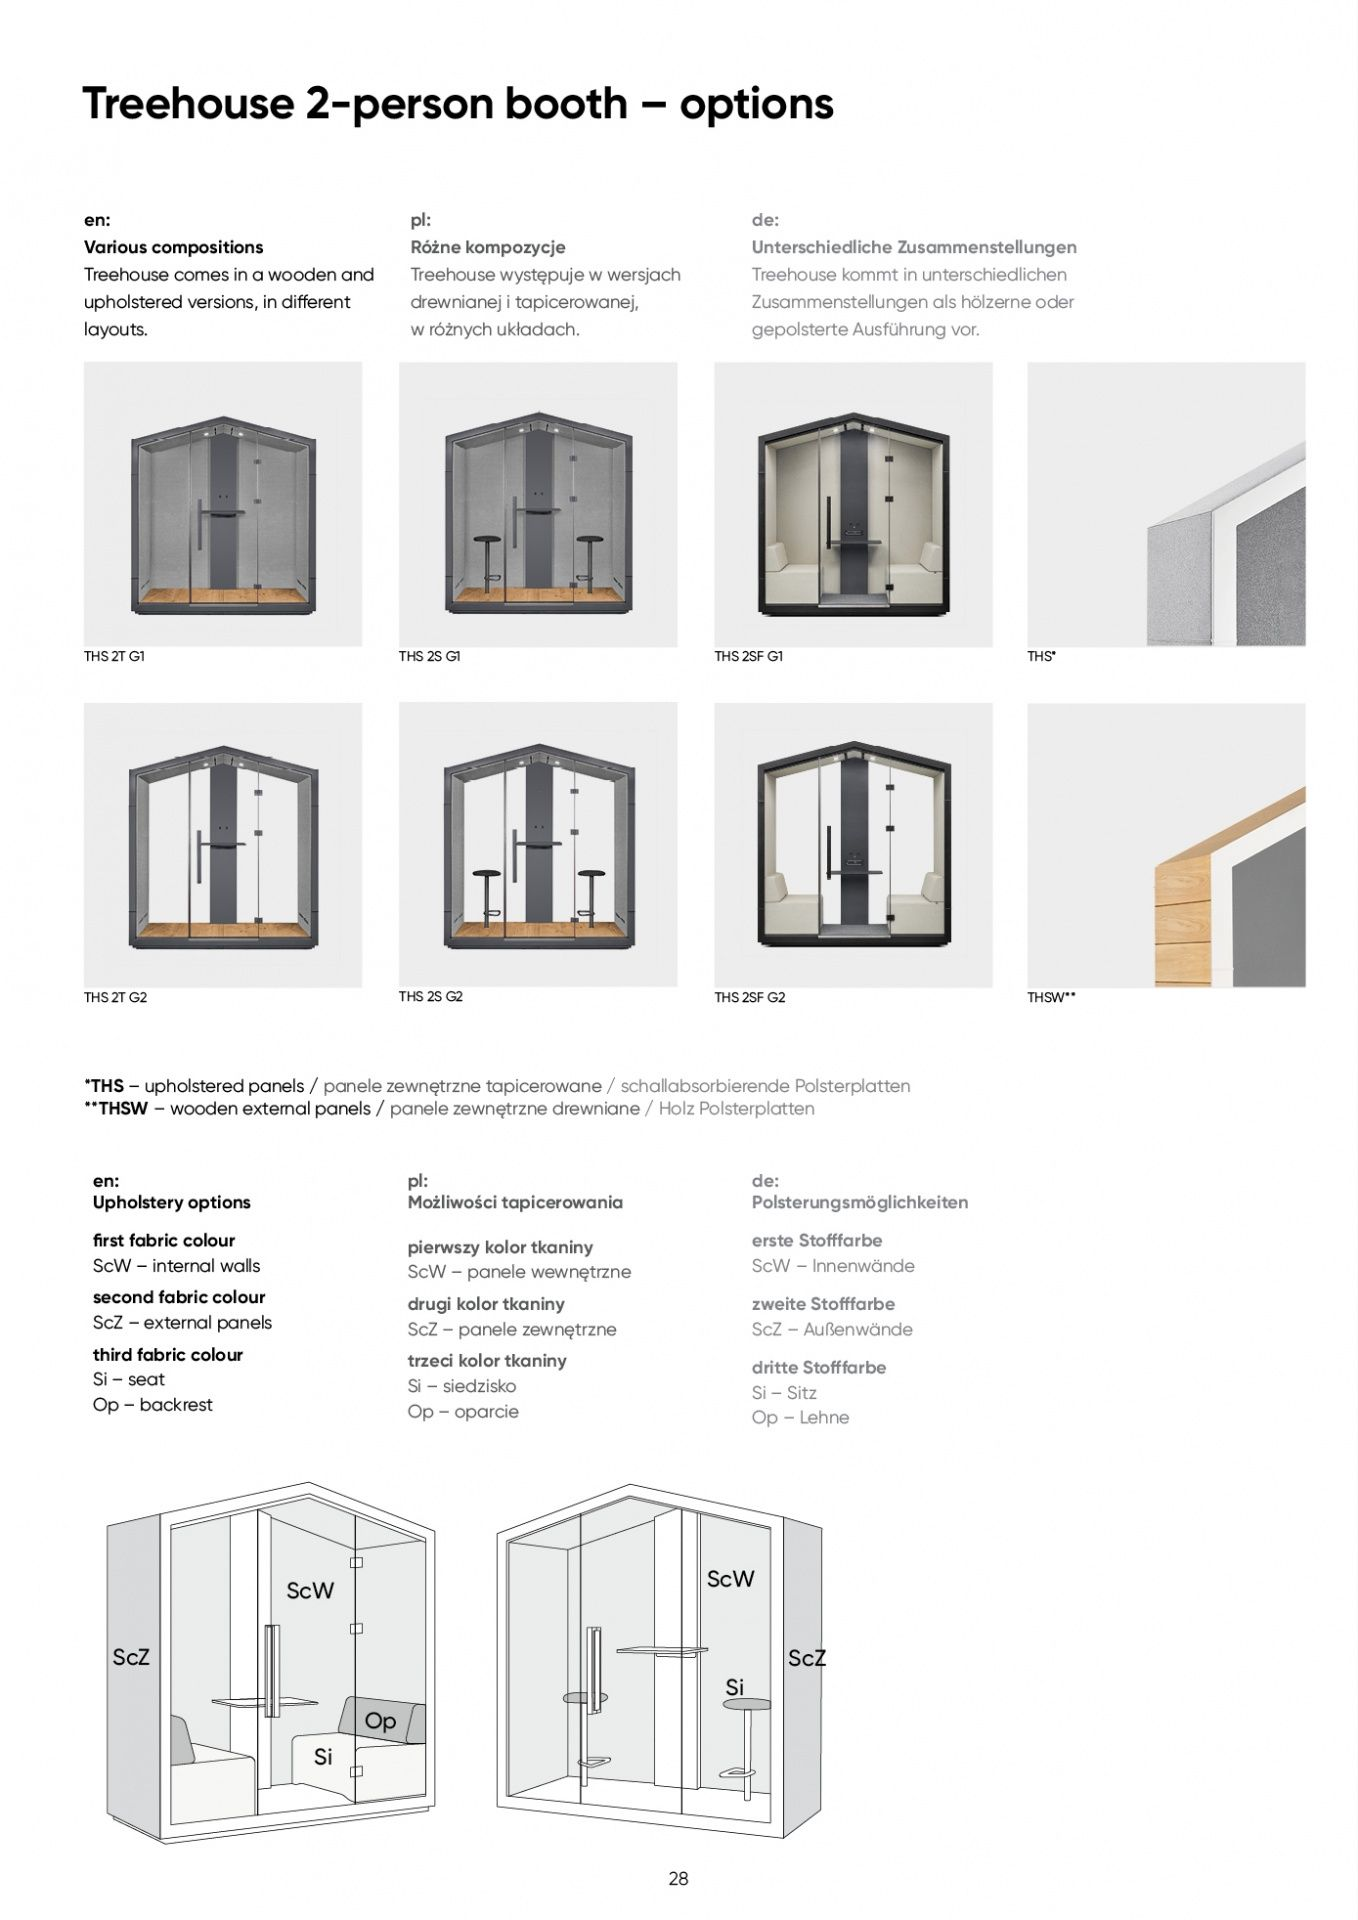 treehouse-catalogue-v2-28.jpg